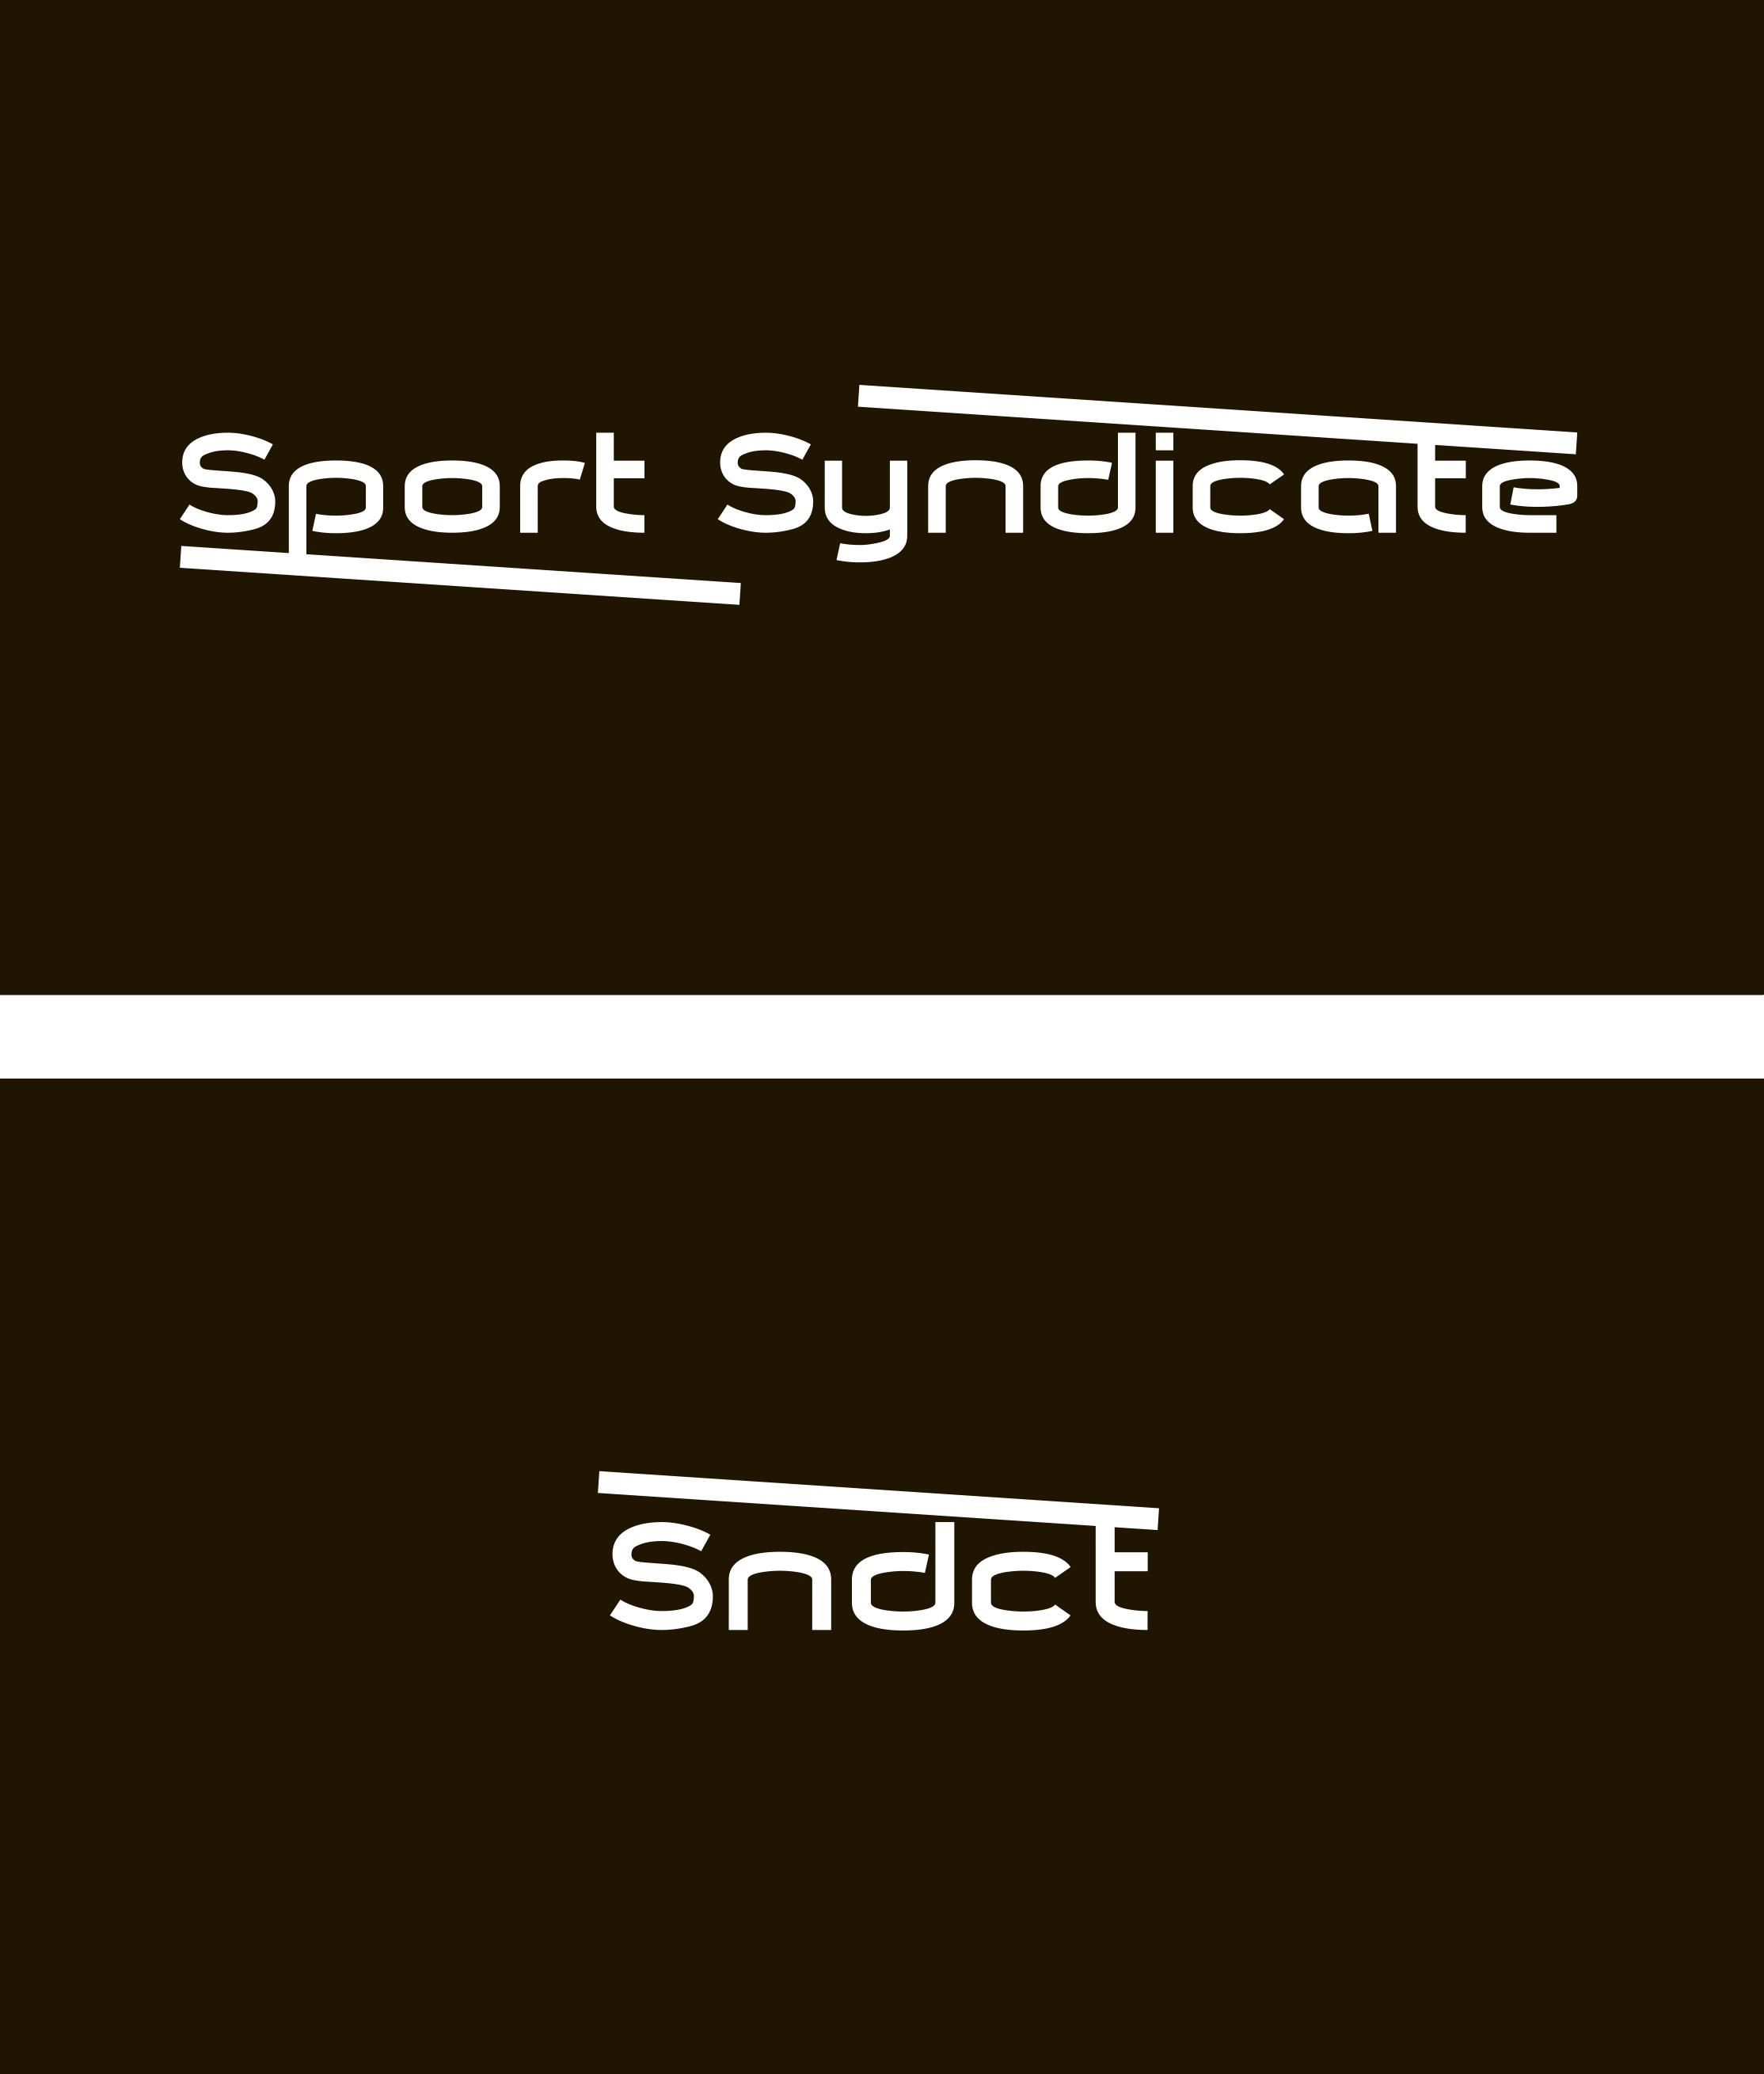 Создать логотип для сети магазинов спортивного питания фото f_98859707f96a27fc.png